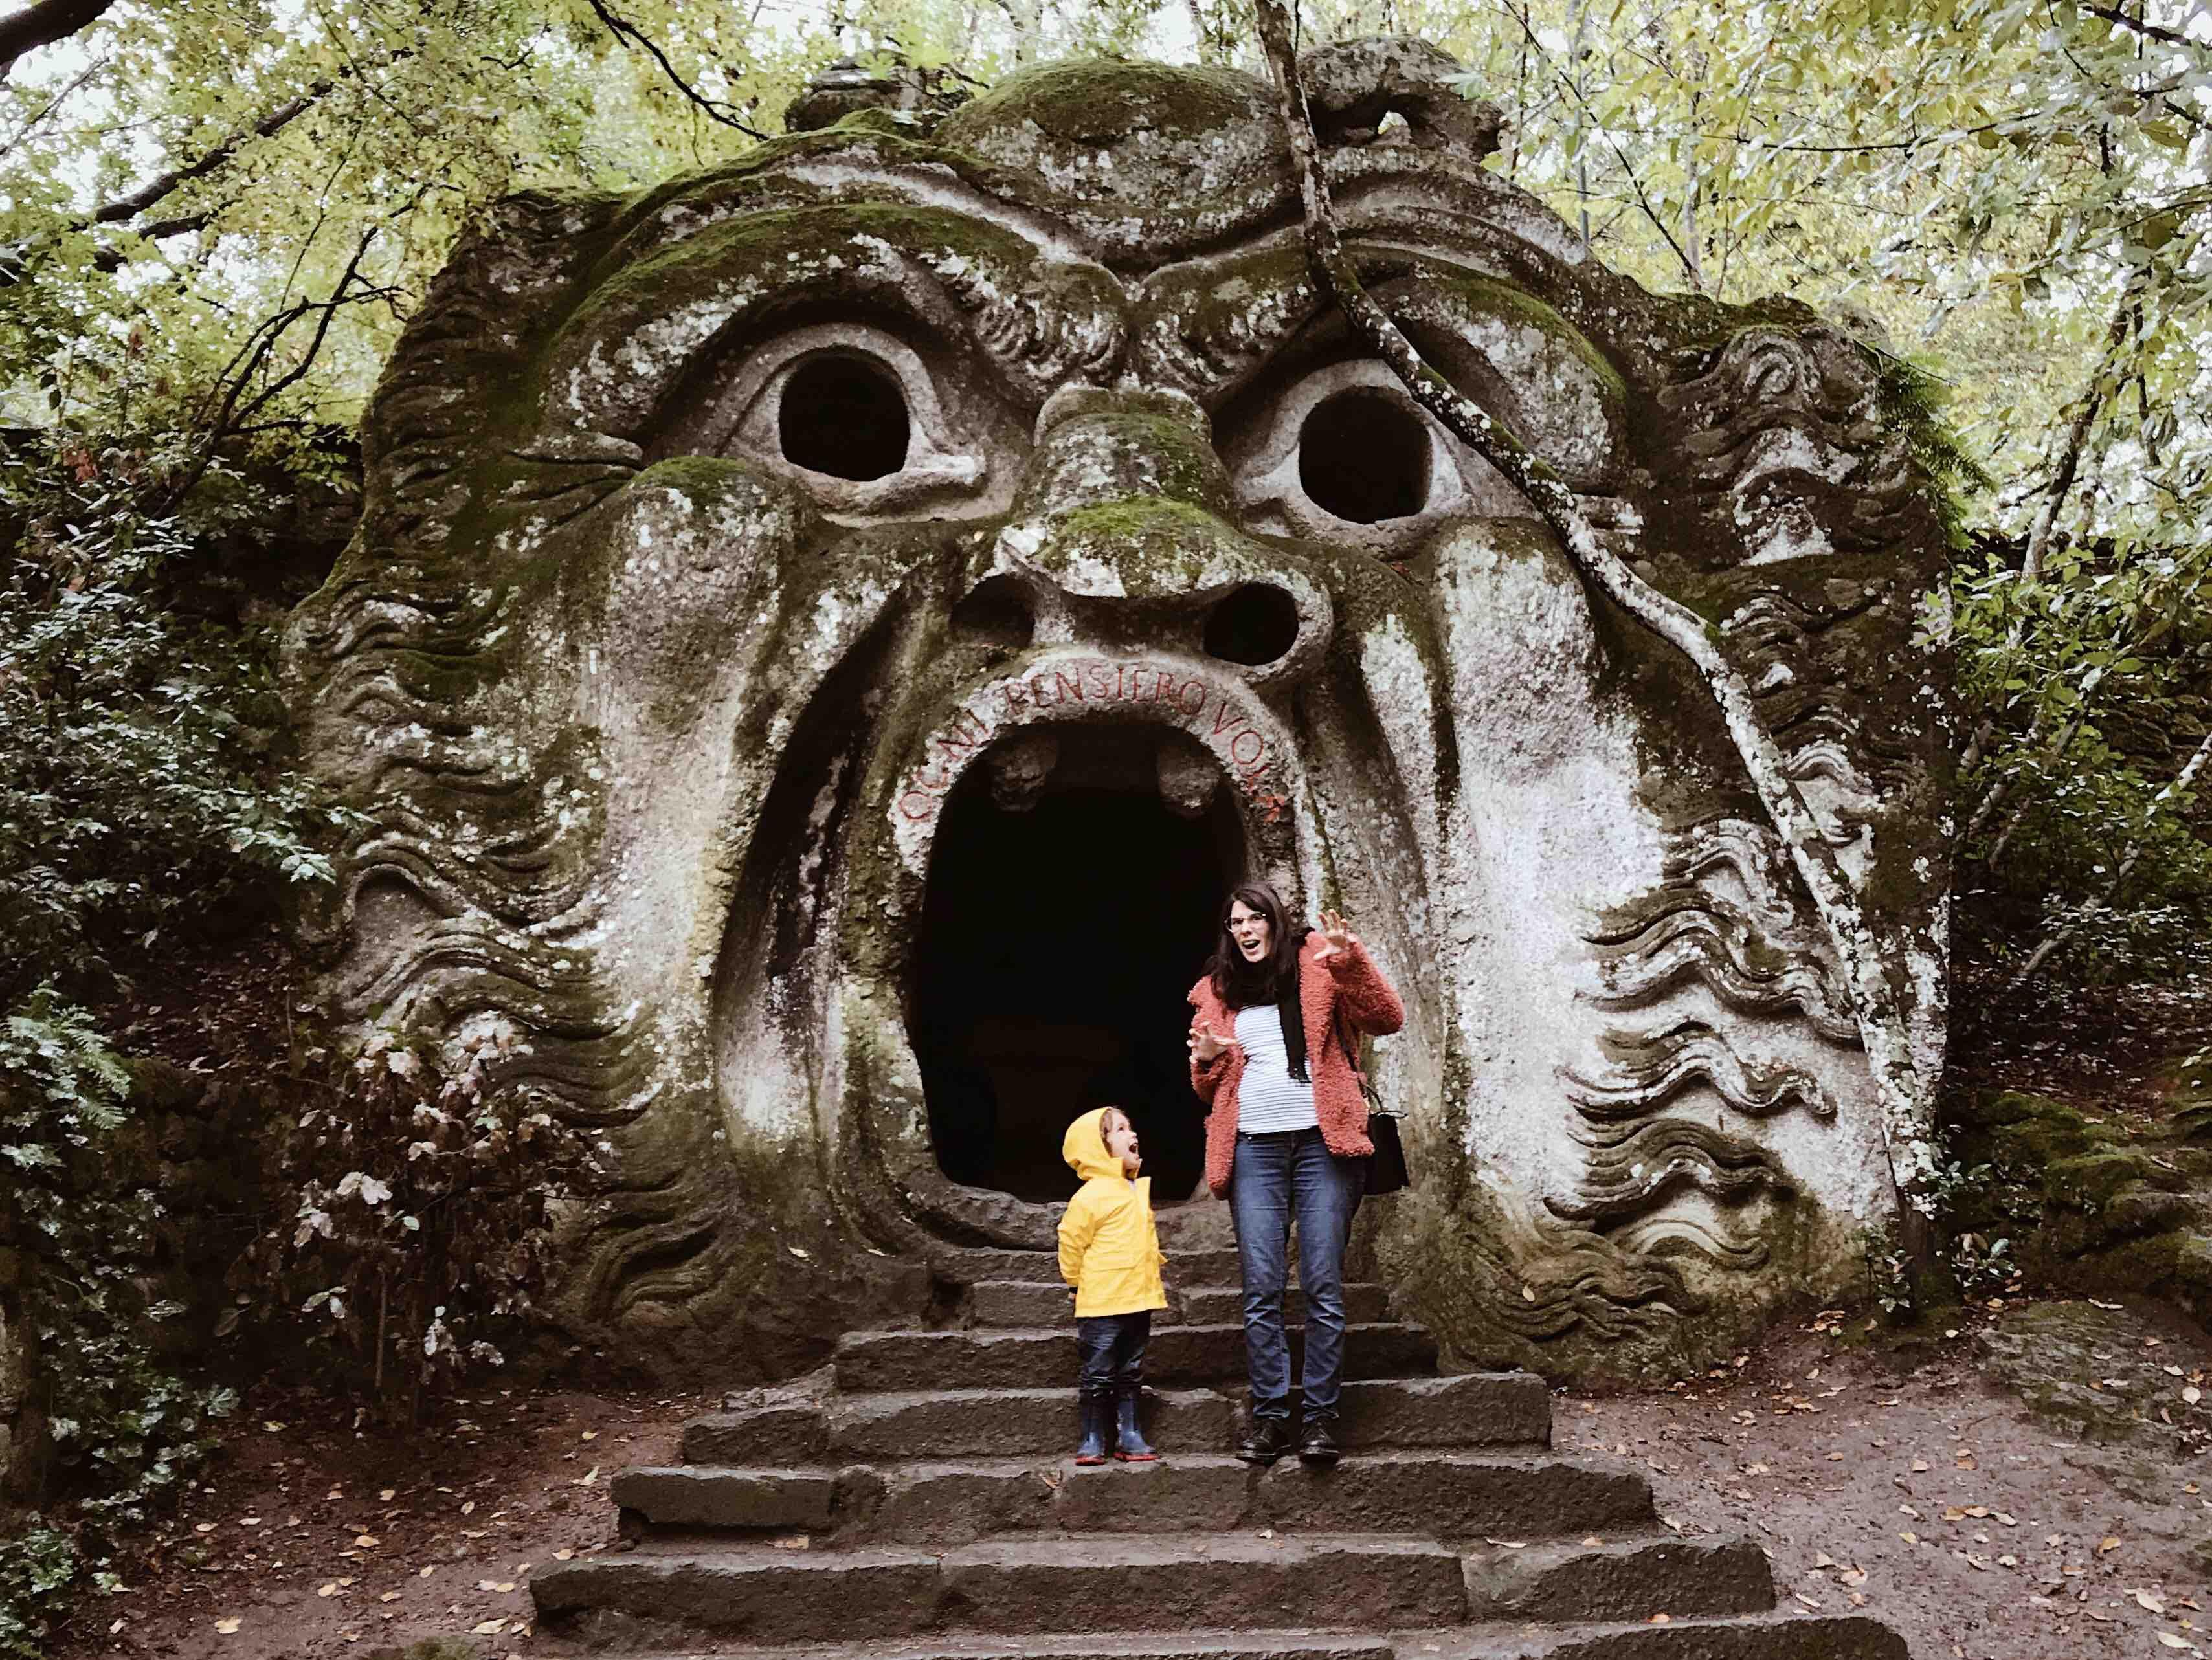 Il Parco dei Mostri di Bomarzo: il grande mostro